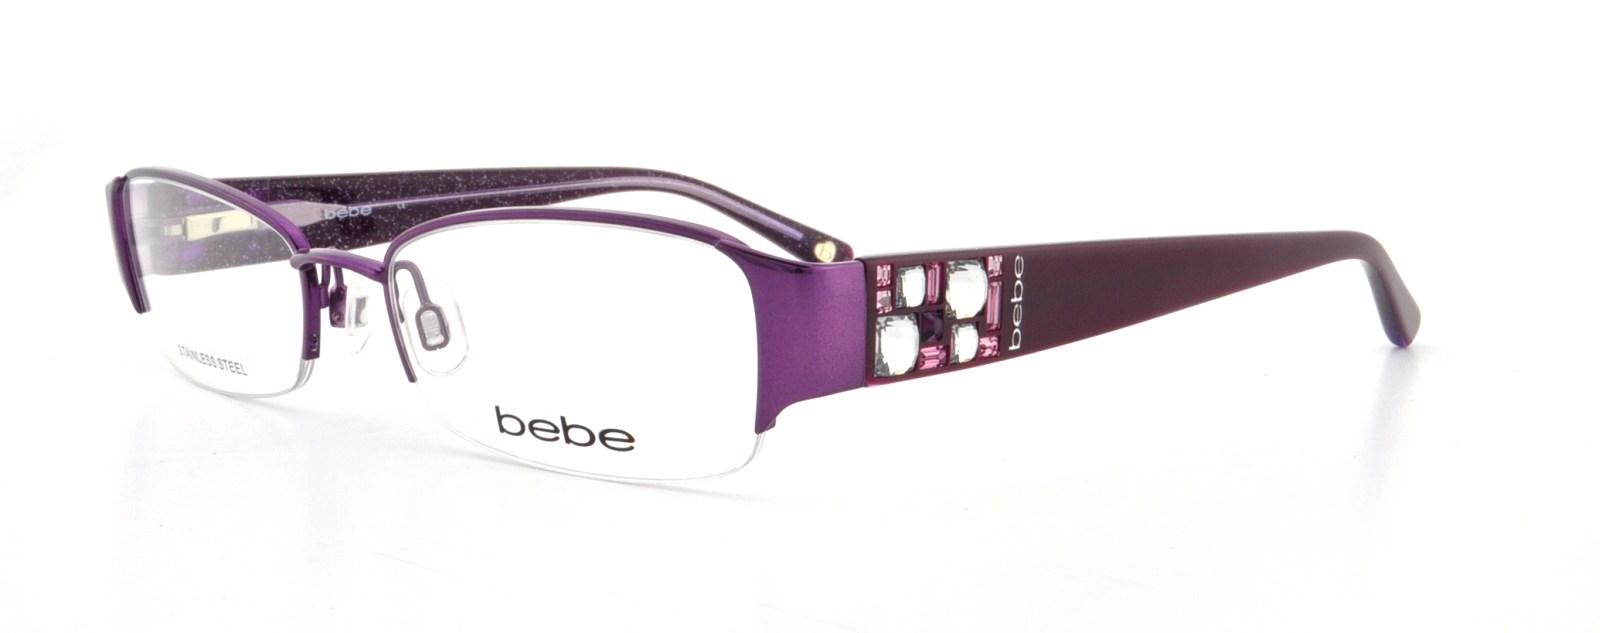 086d9de87fa2 Designer Frames Outlet. Bebe BB5015 Amorous